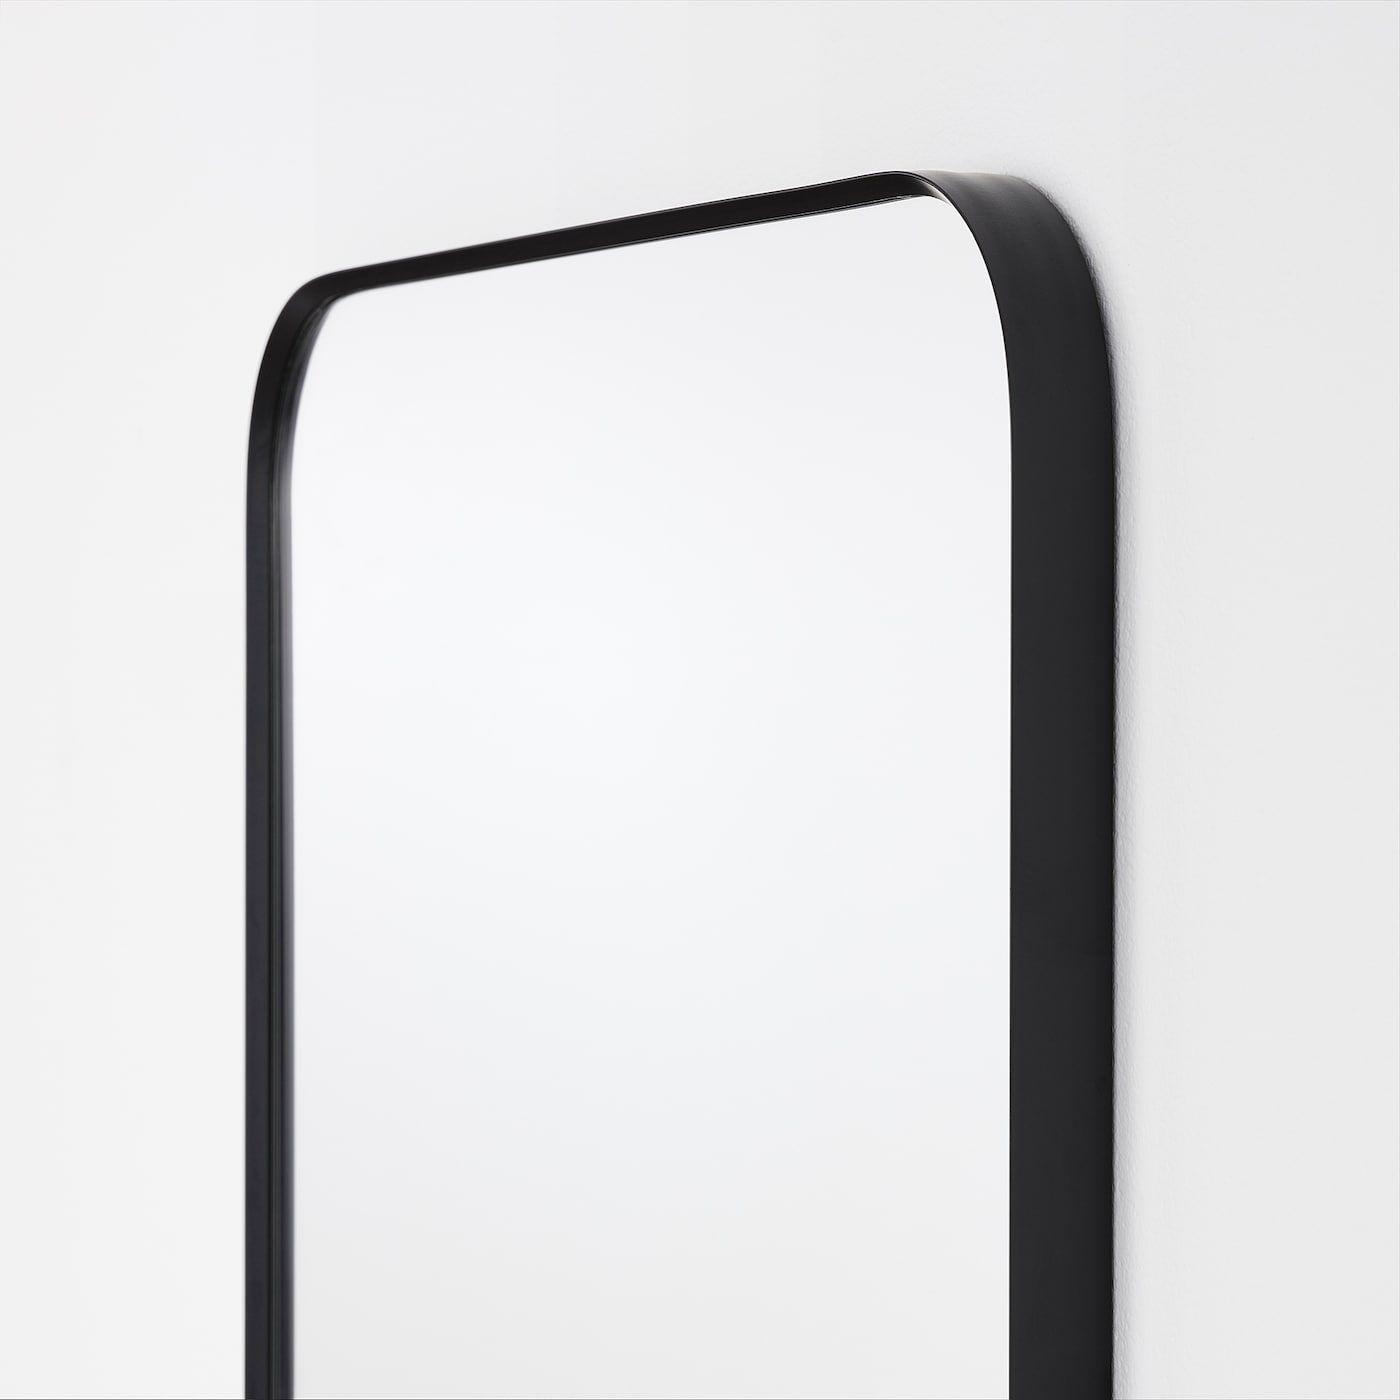 Lindbyn Miroir Noir 40x130 Cm Ikea Miroir Noir Miroir Noir Ikea Nettoyer Vitres